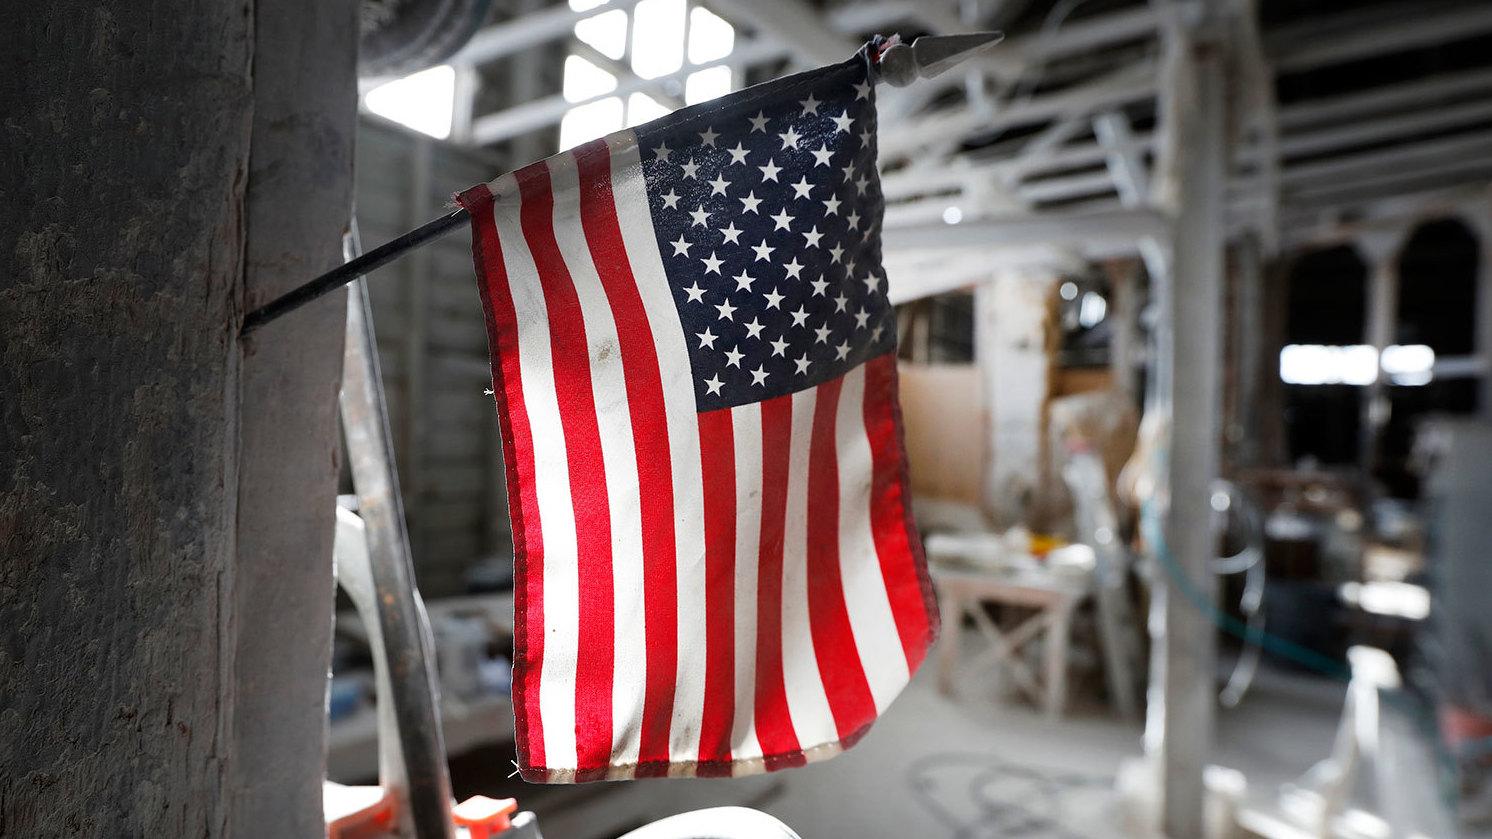 Депутаты заявили, что Россия сможет производить американские товары без разрешения США. Это неправда